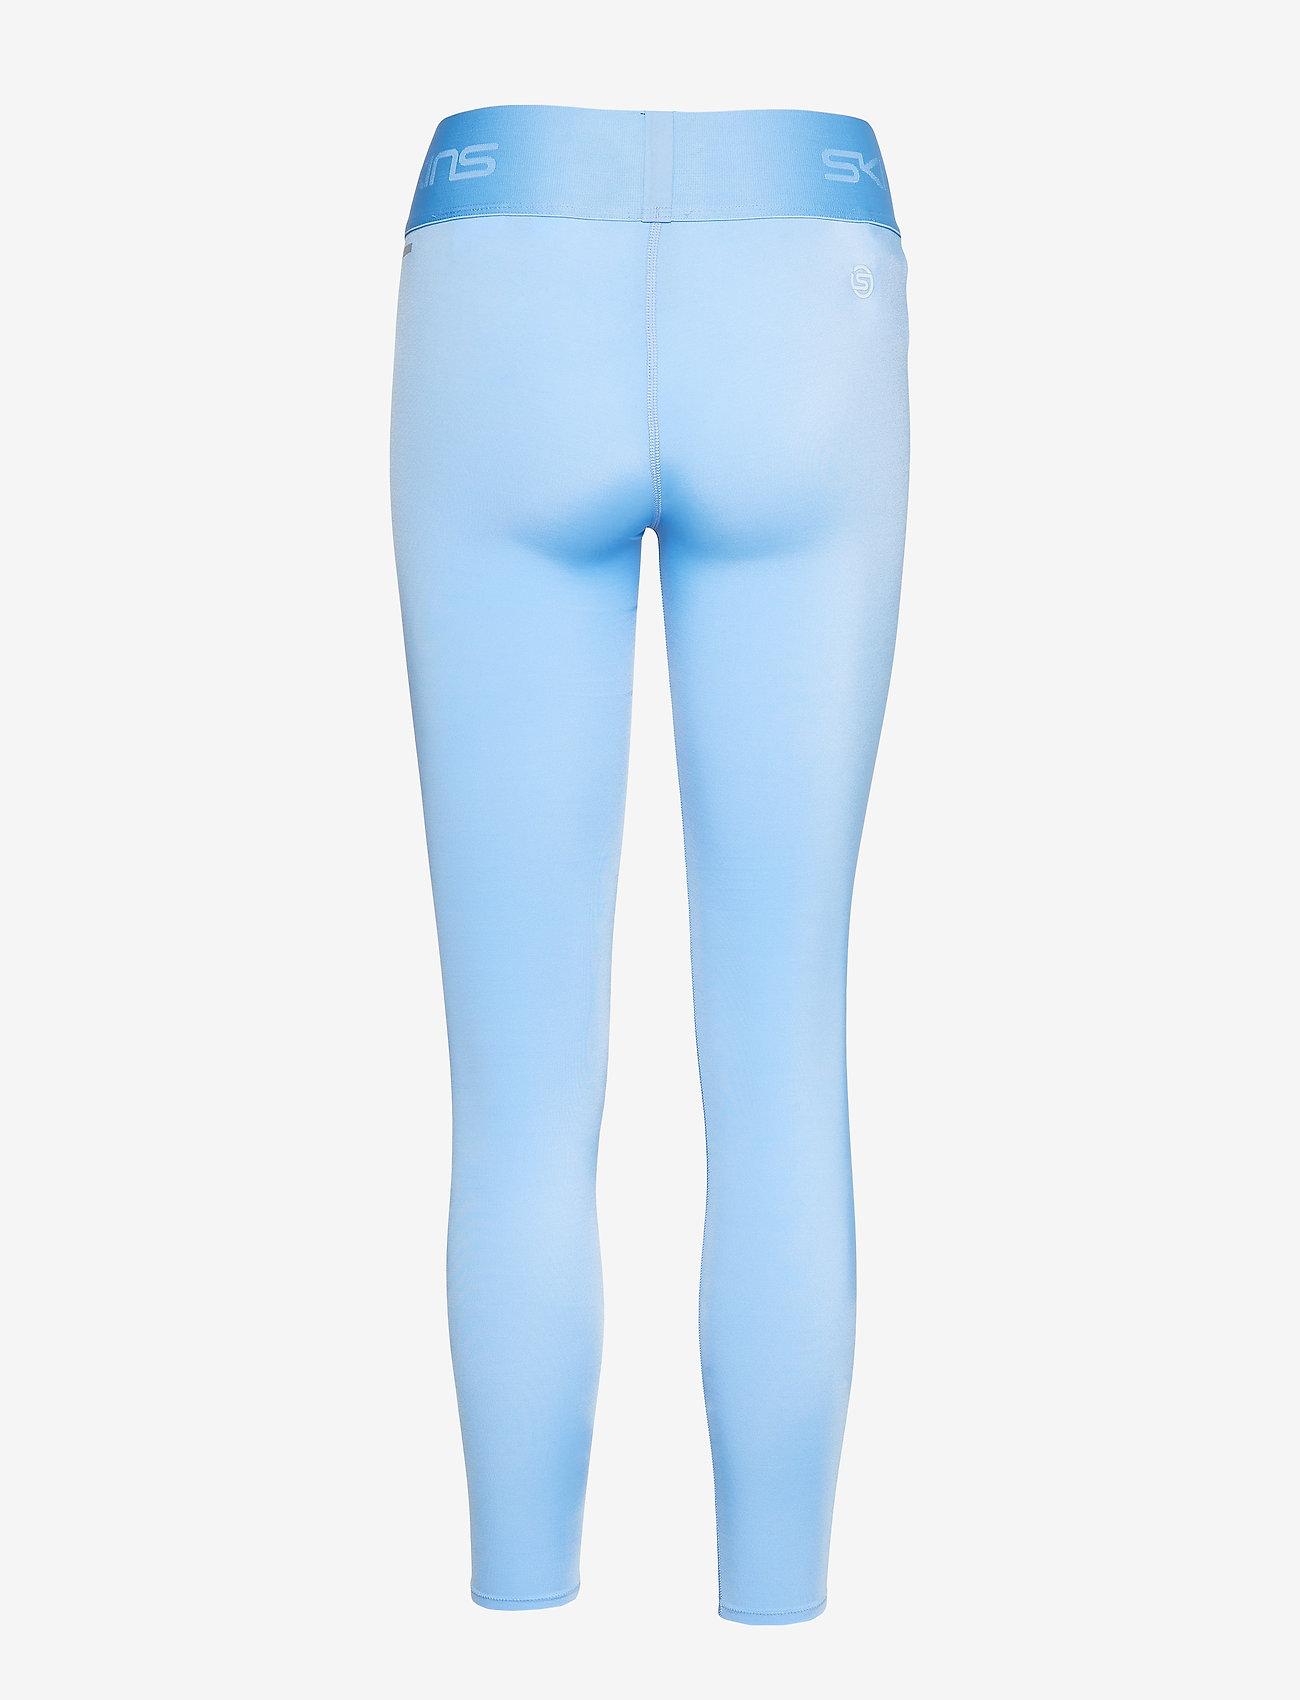 Skins DNAmic Primary Womens Long Tights - Leginsy SKY BLUE LOGO - Kobiety Odzież.